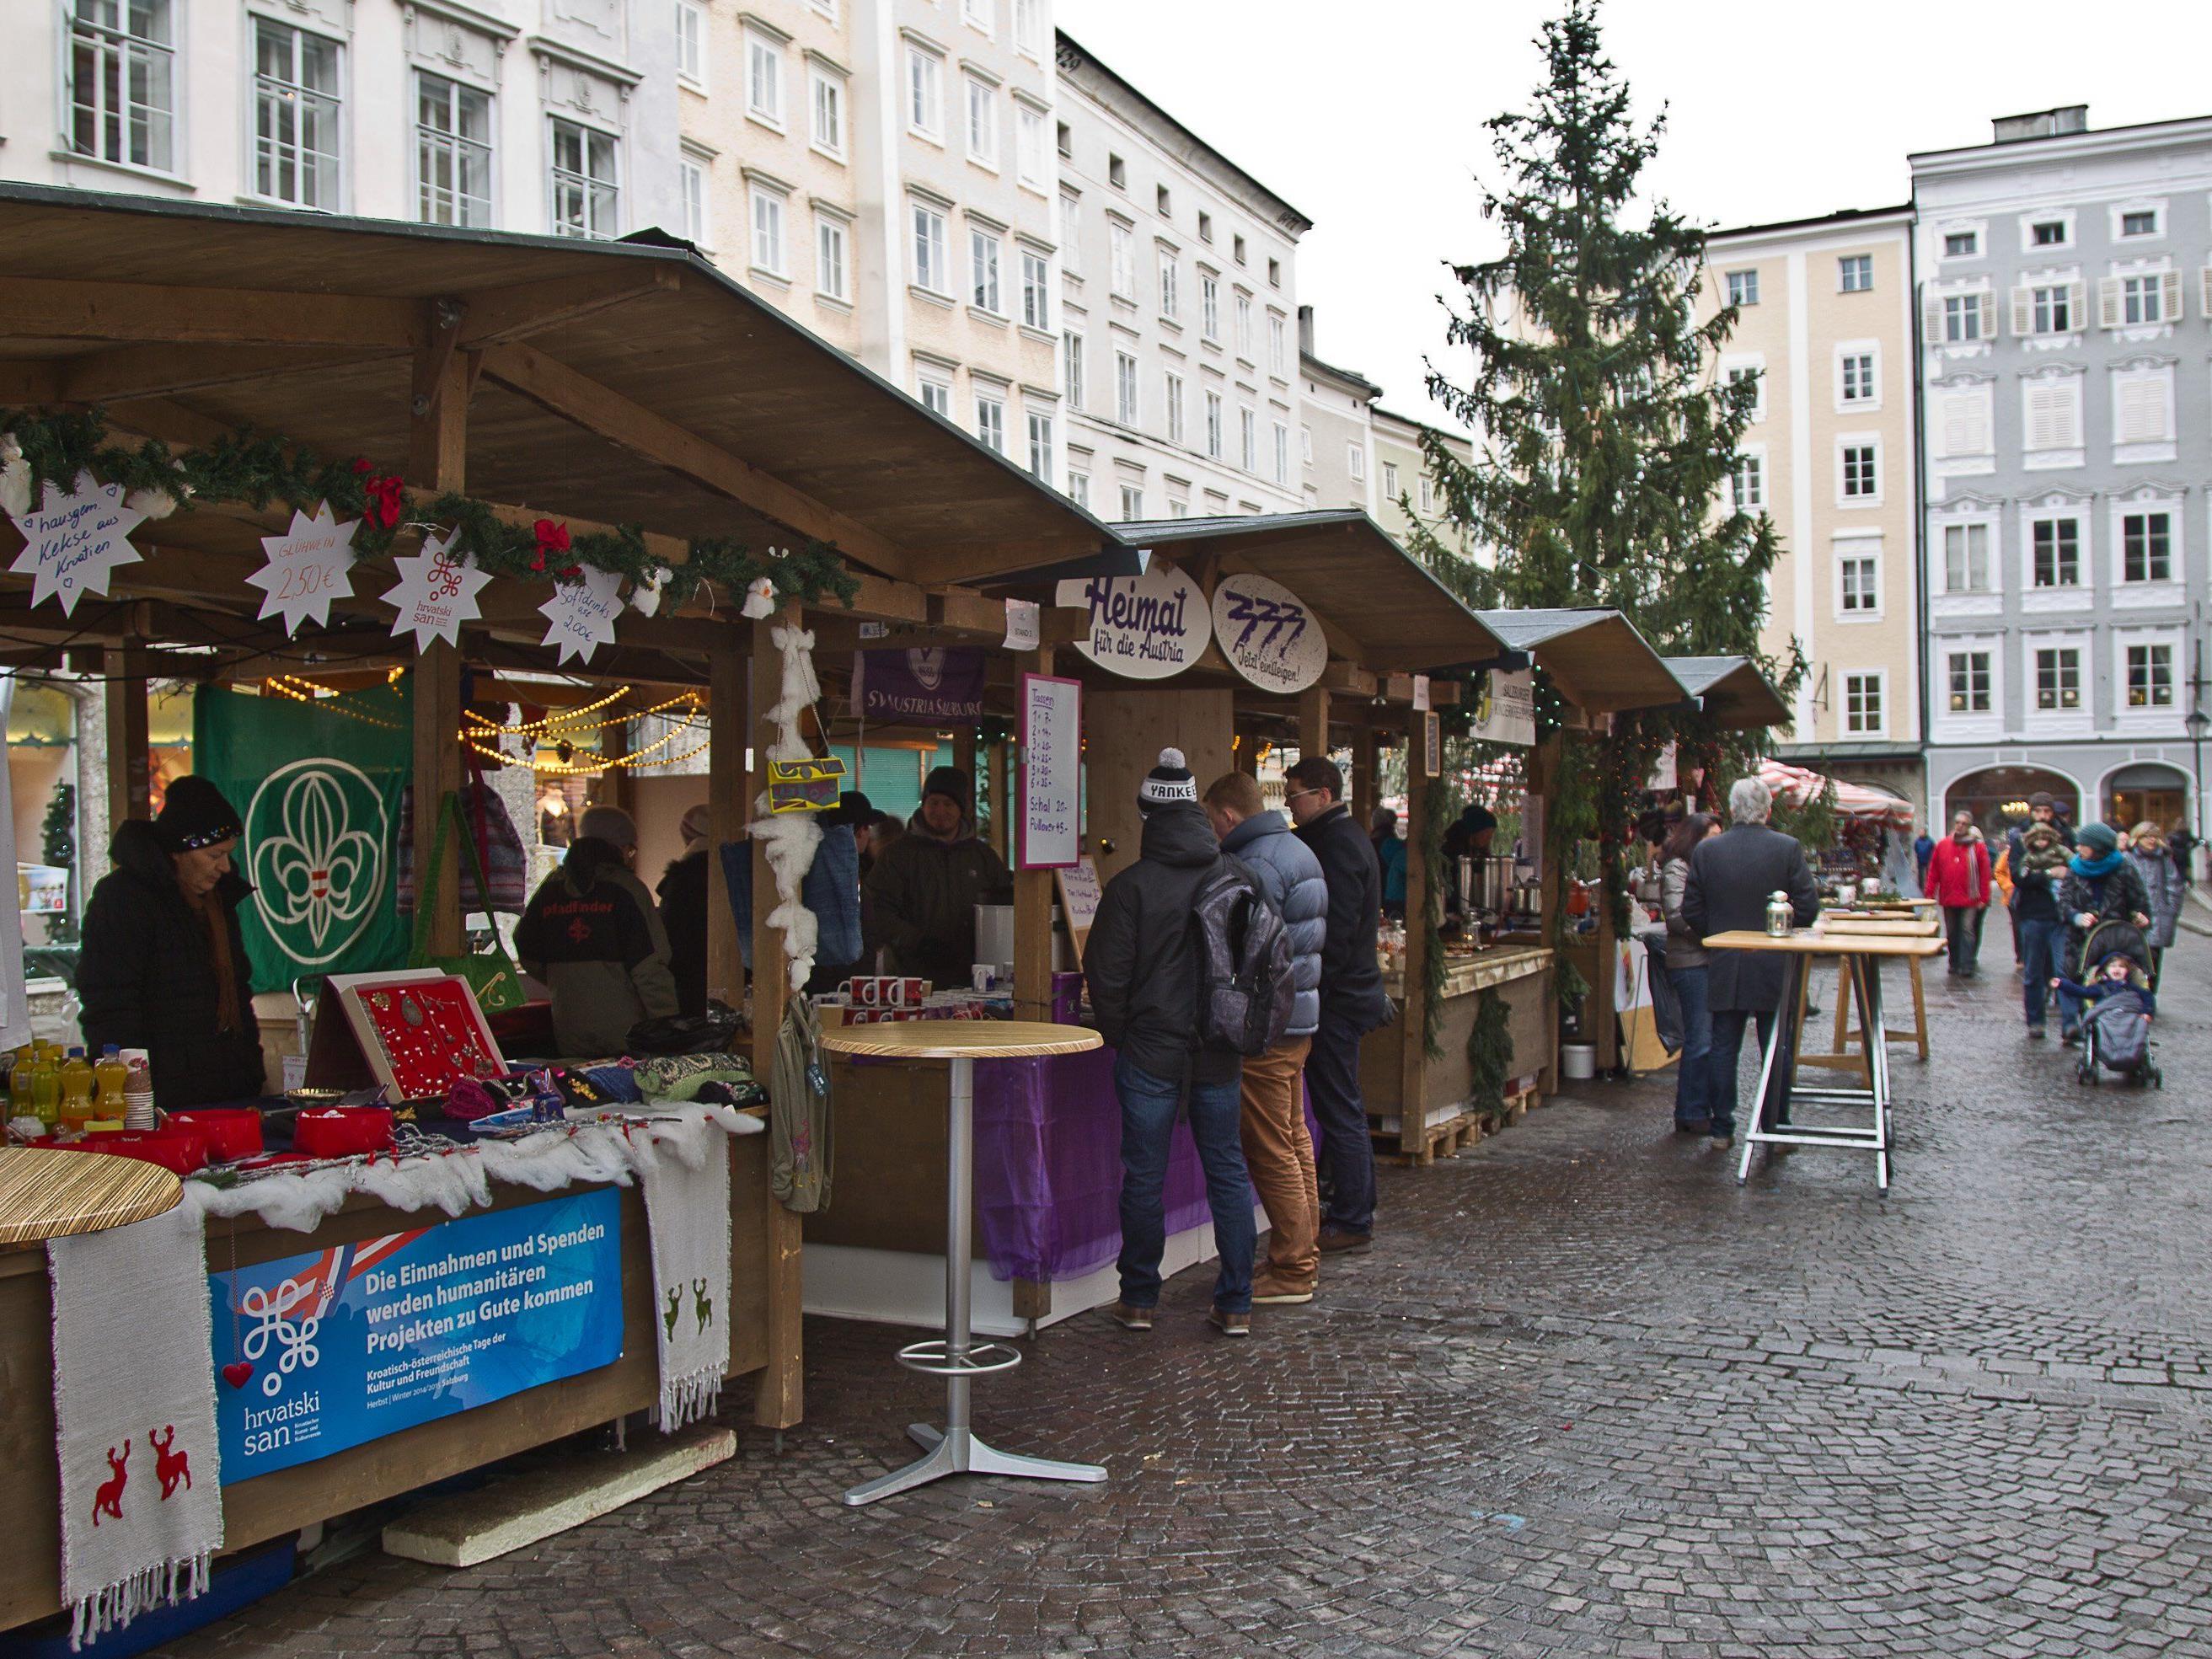 Die Stände der Vereine und Organisationen am Alten Markt.